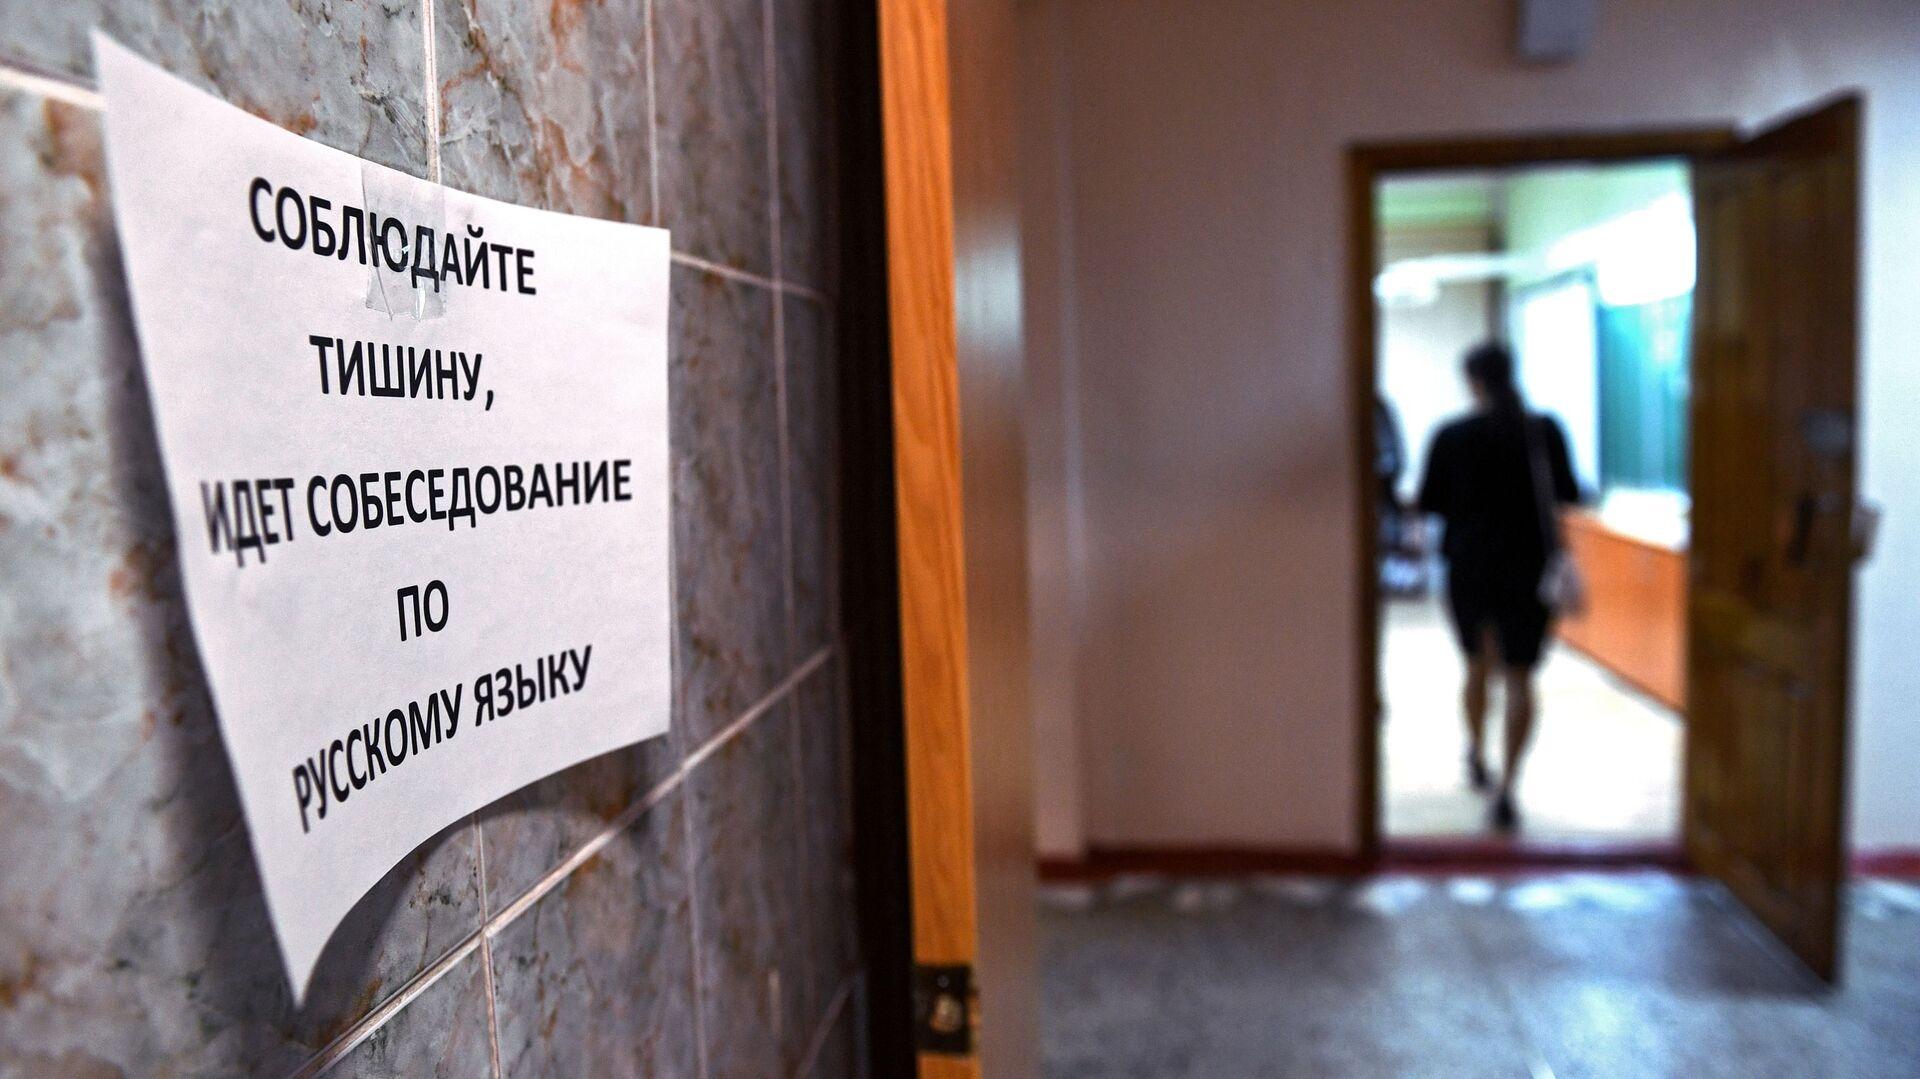 Объявление в коридоре Экономического лицея города Новосибирска - РИА Новости, 1920, 20.11.2020